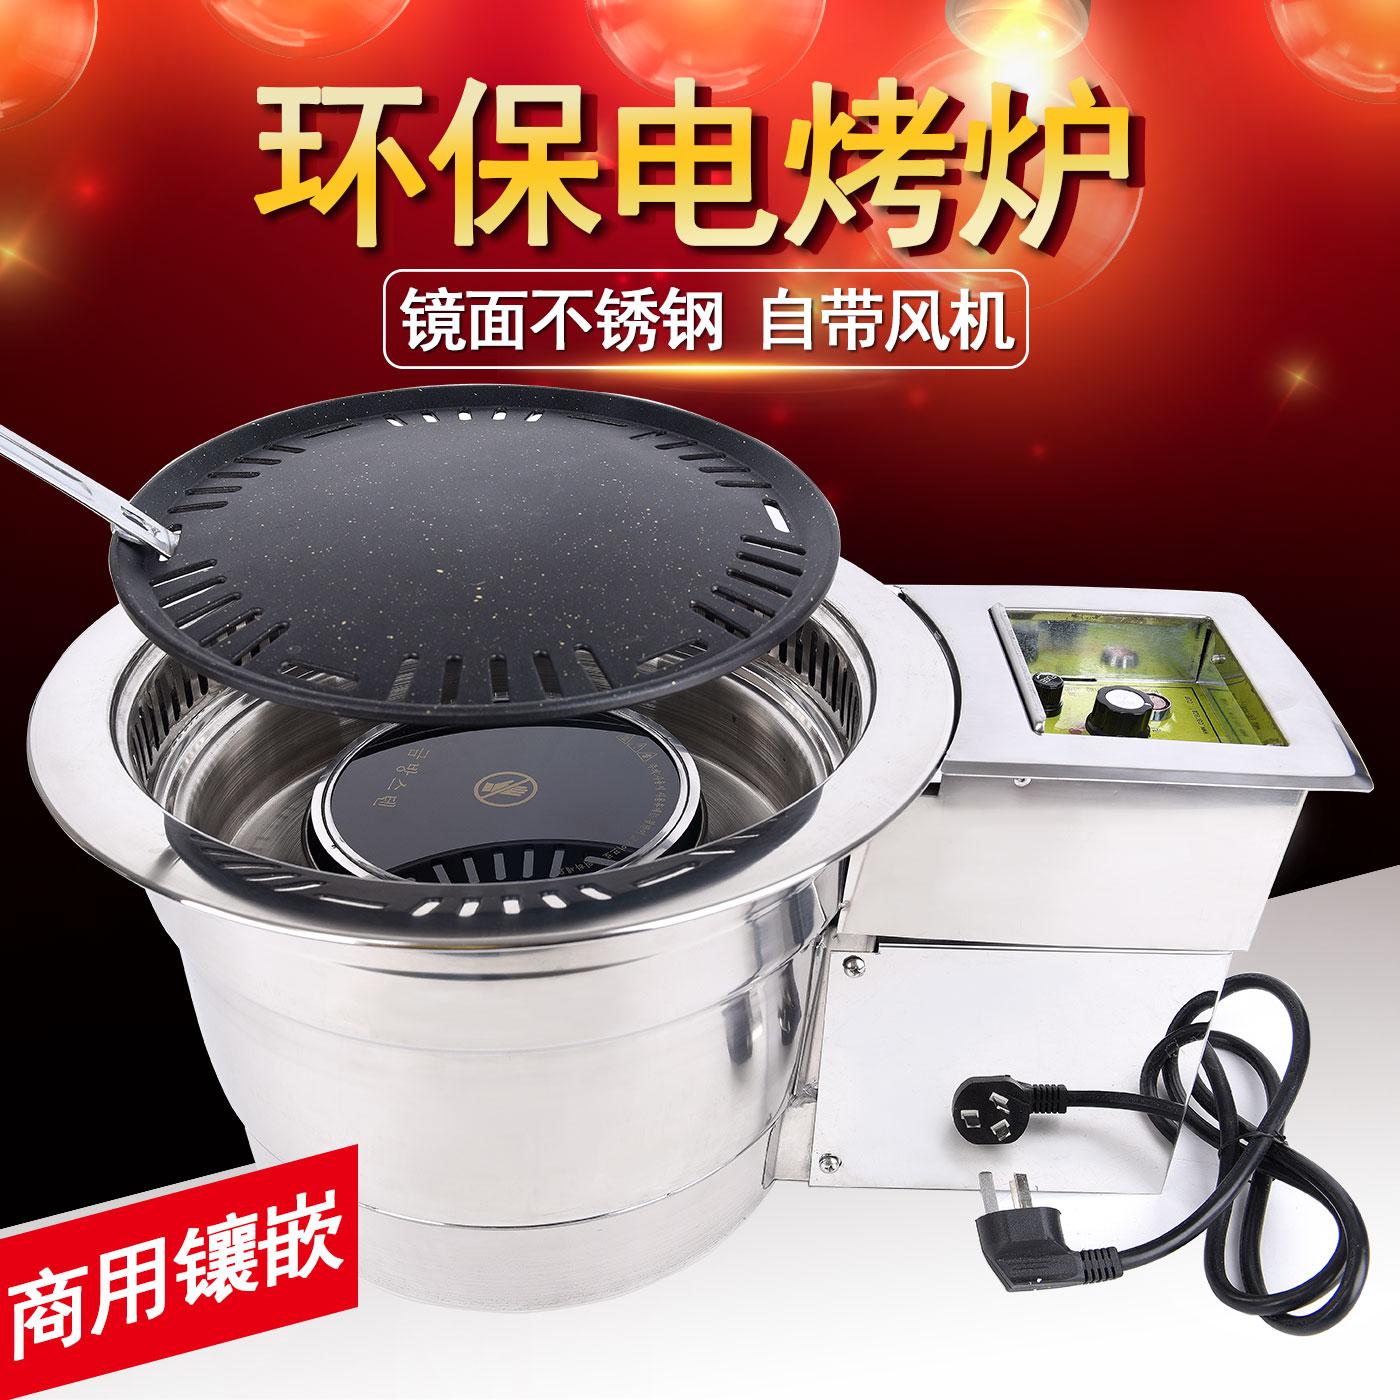 韩式电烤炉商用烤肉炉自消烟烤炉环保无烟烤肉炉镶嵌式烧烤炉烤炉-缘隆烧烤设备-4月